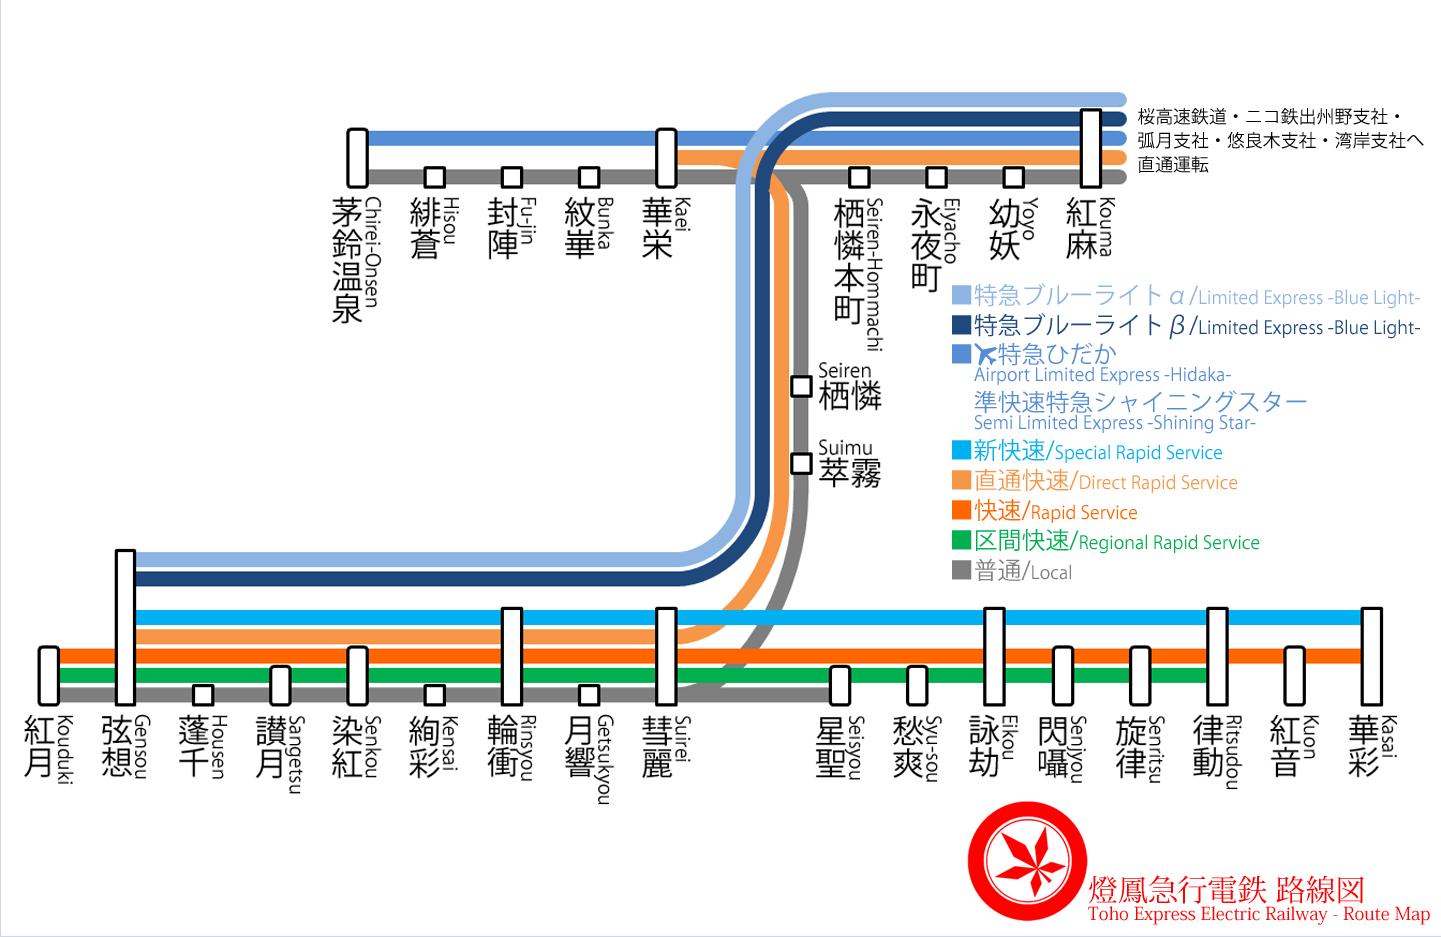 燈鳳急行線路線図.png